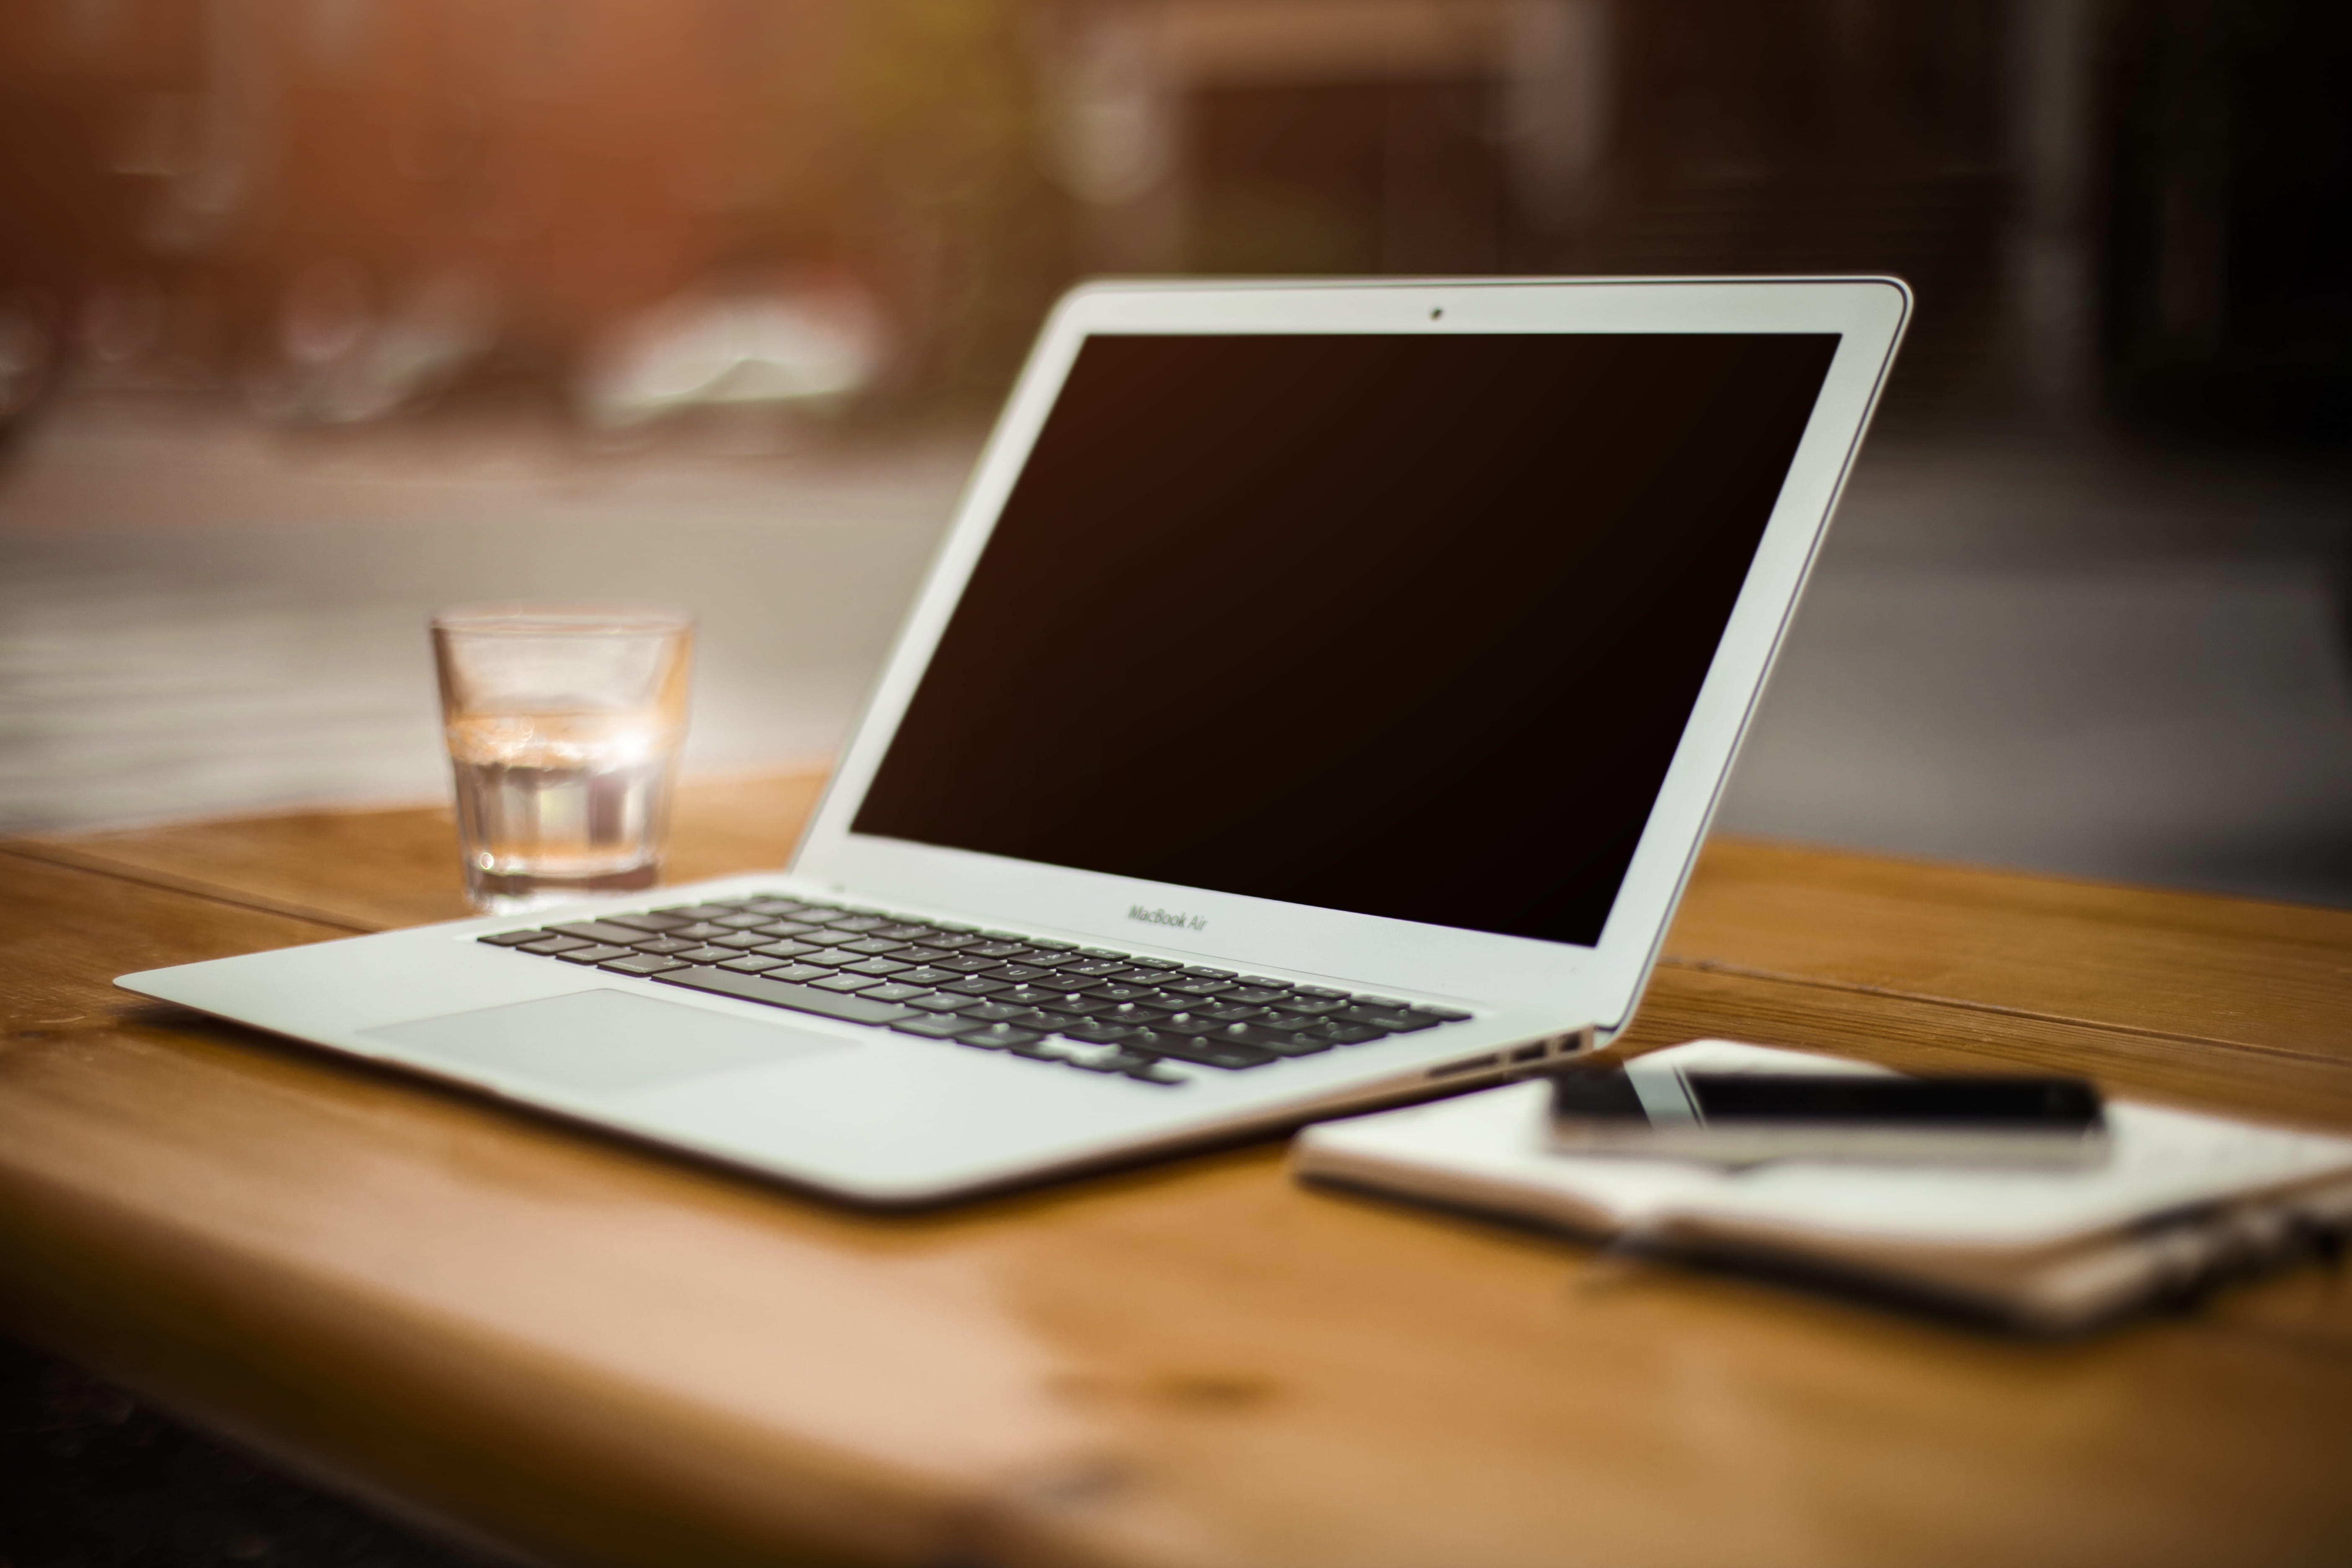 次期ARMアーキテクチャー「Mac」でウィンドウズは動くのか